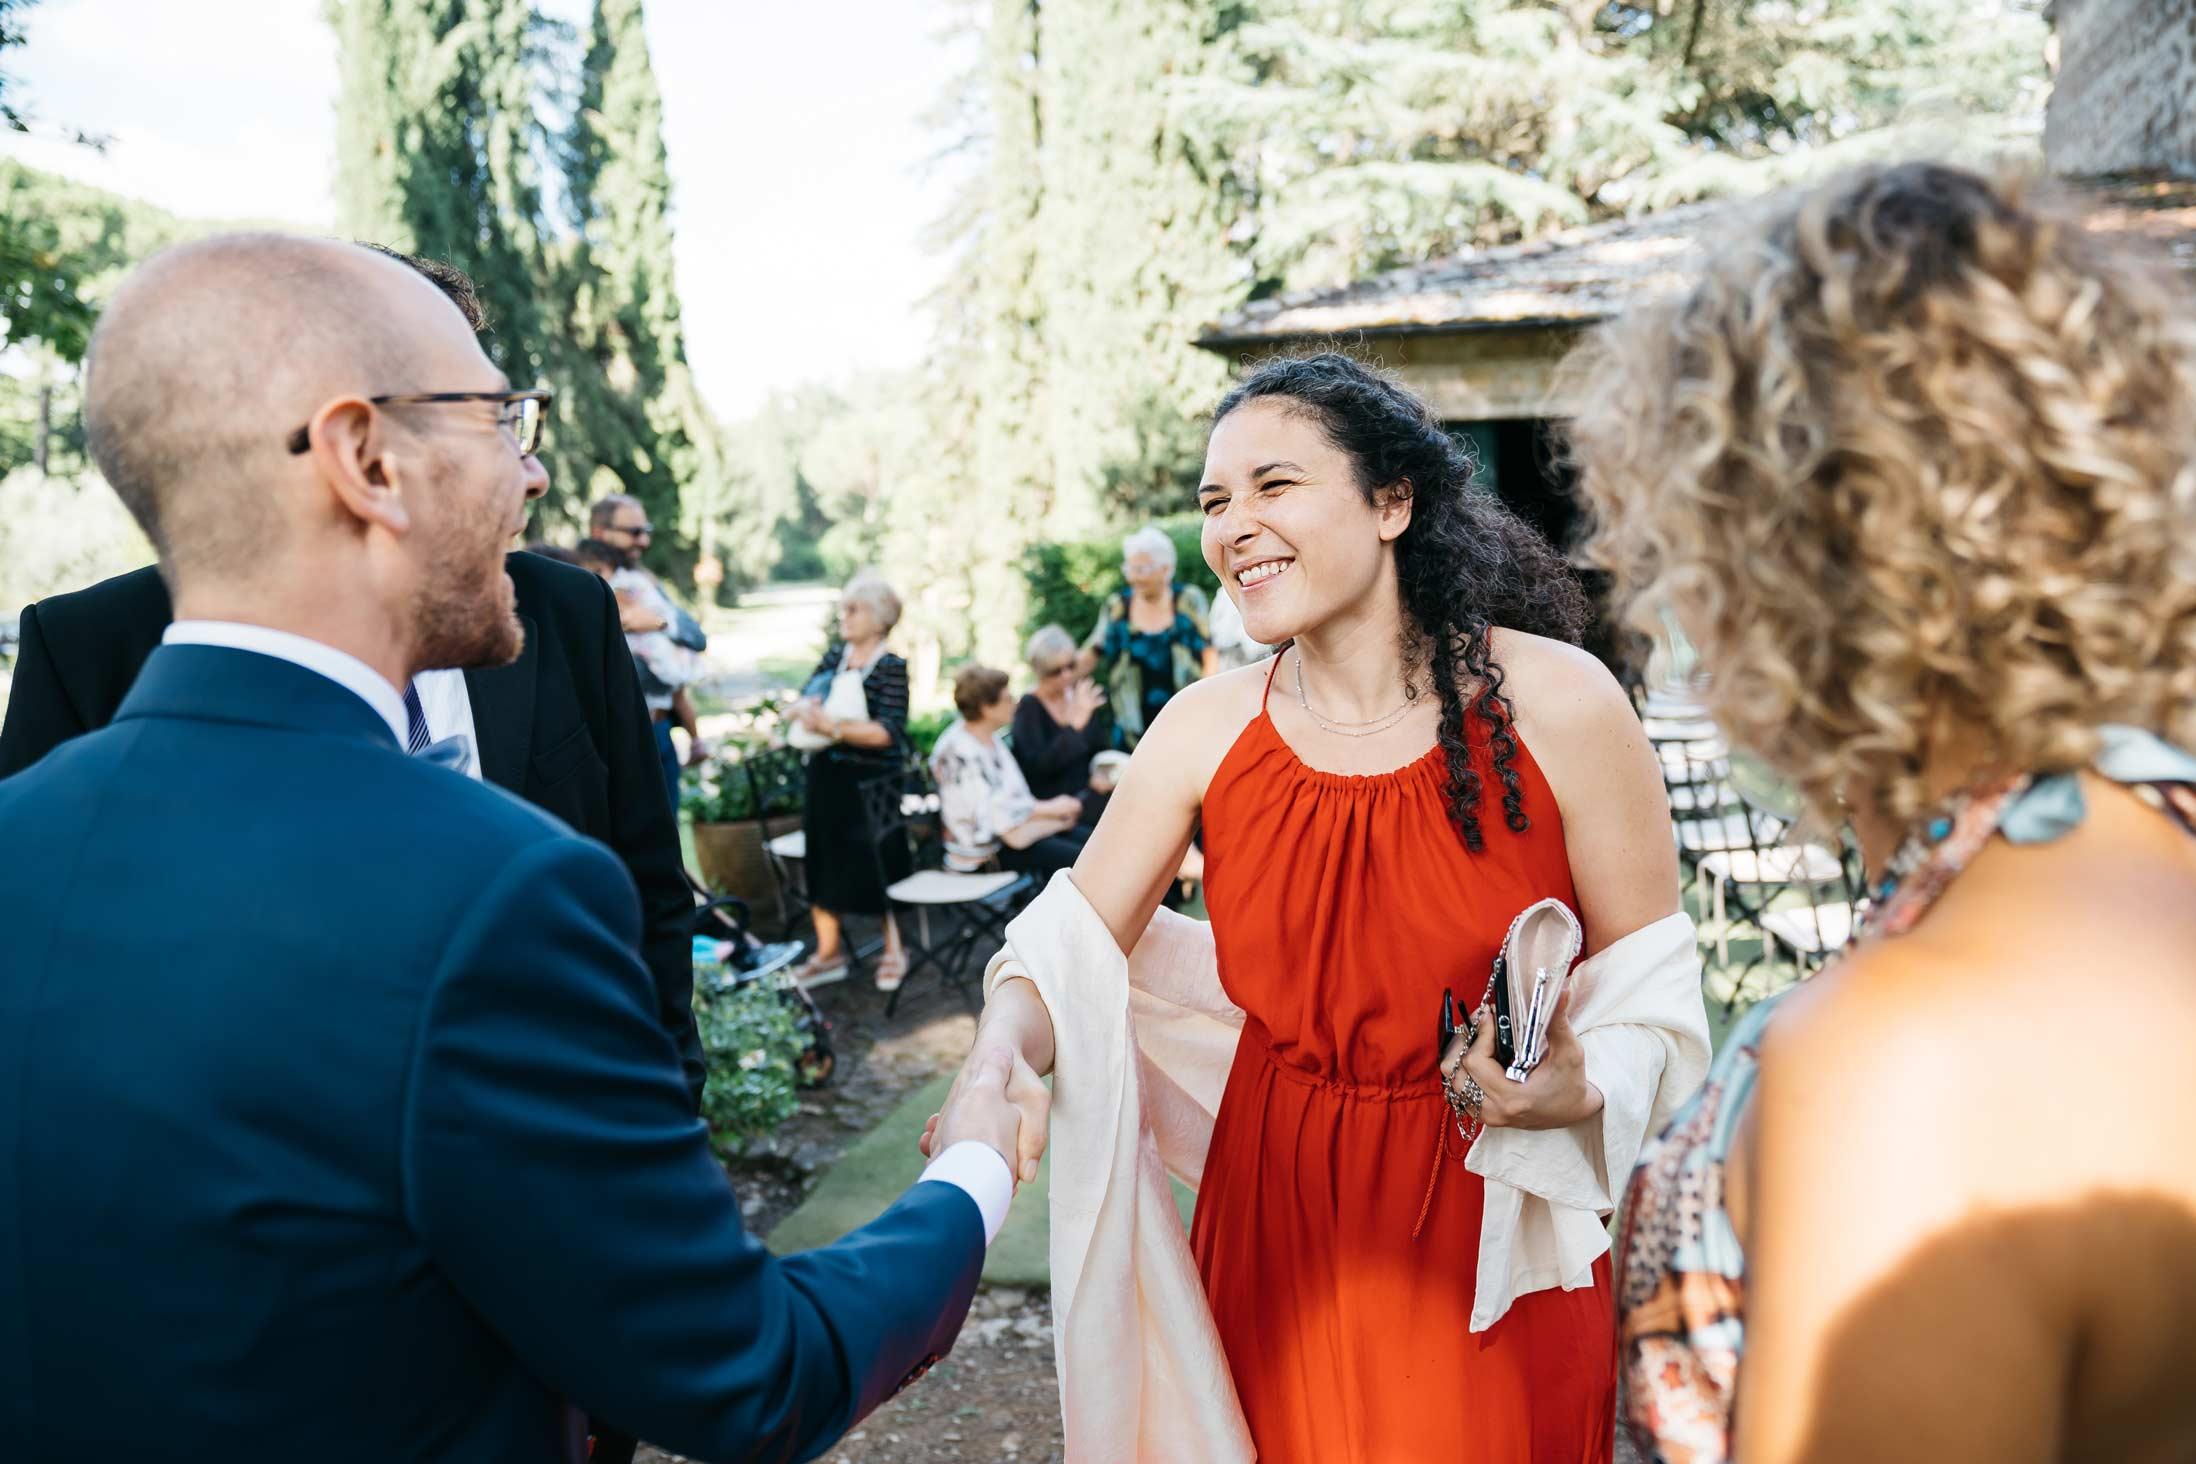 Fotografo-Sposi-Reportage-Di-Matrimonio-L&F